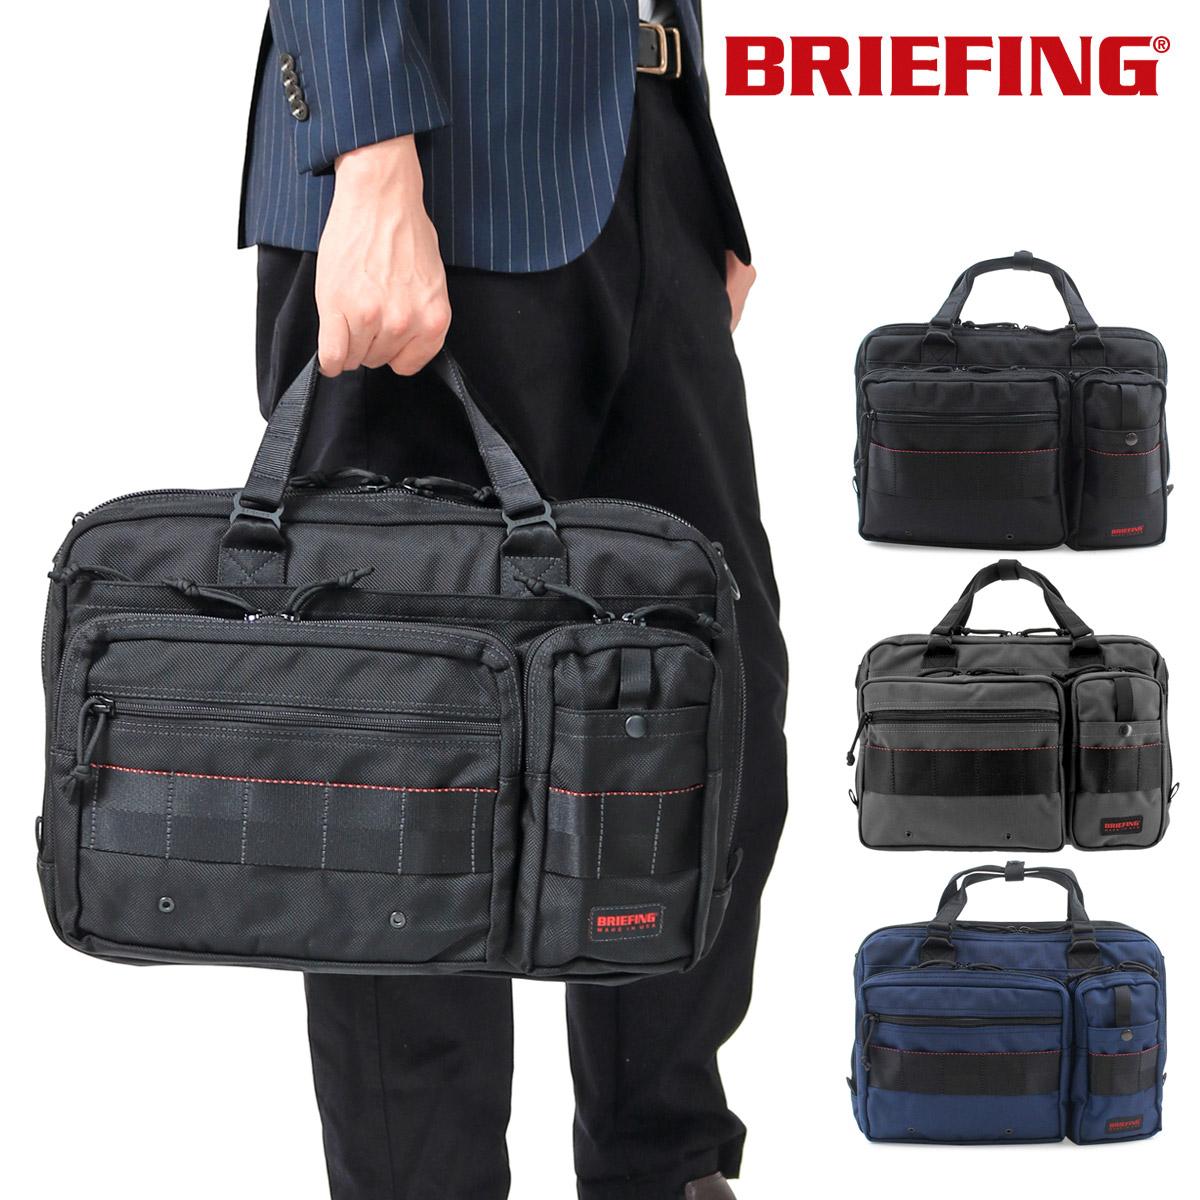 ブリーフィング ブリーフケース USA BRF174219 BRIEFING A4 LINER 2WAY ショルダー ビジネスバッグ キャリーオン セットアップ ビジネス バリスティックナイロン メンズ[PO10][bef][即日発送]